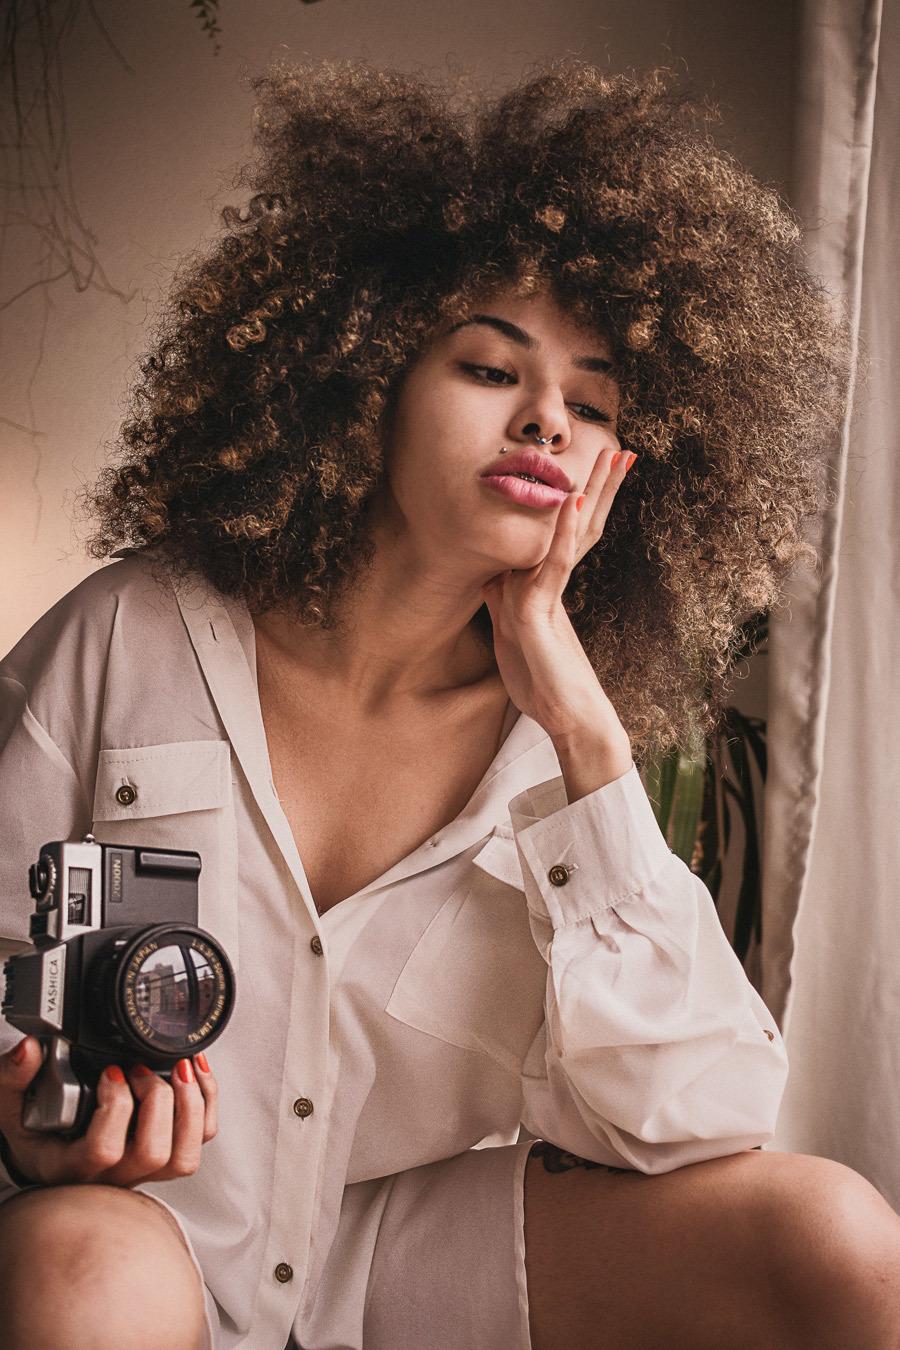 Imagem capa - Quantas horas dura um ensaio fotográfico? por Wilson Vitorino